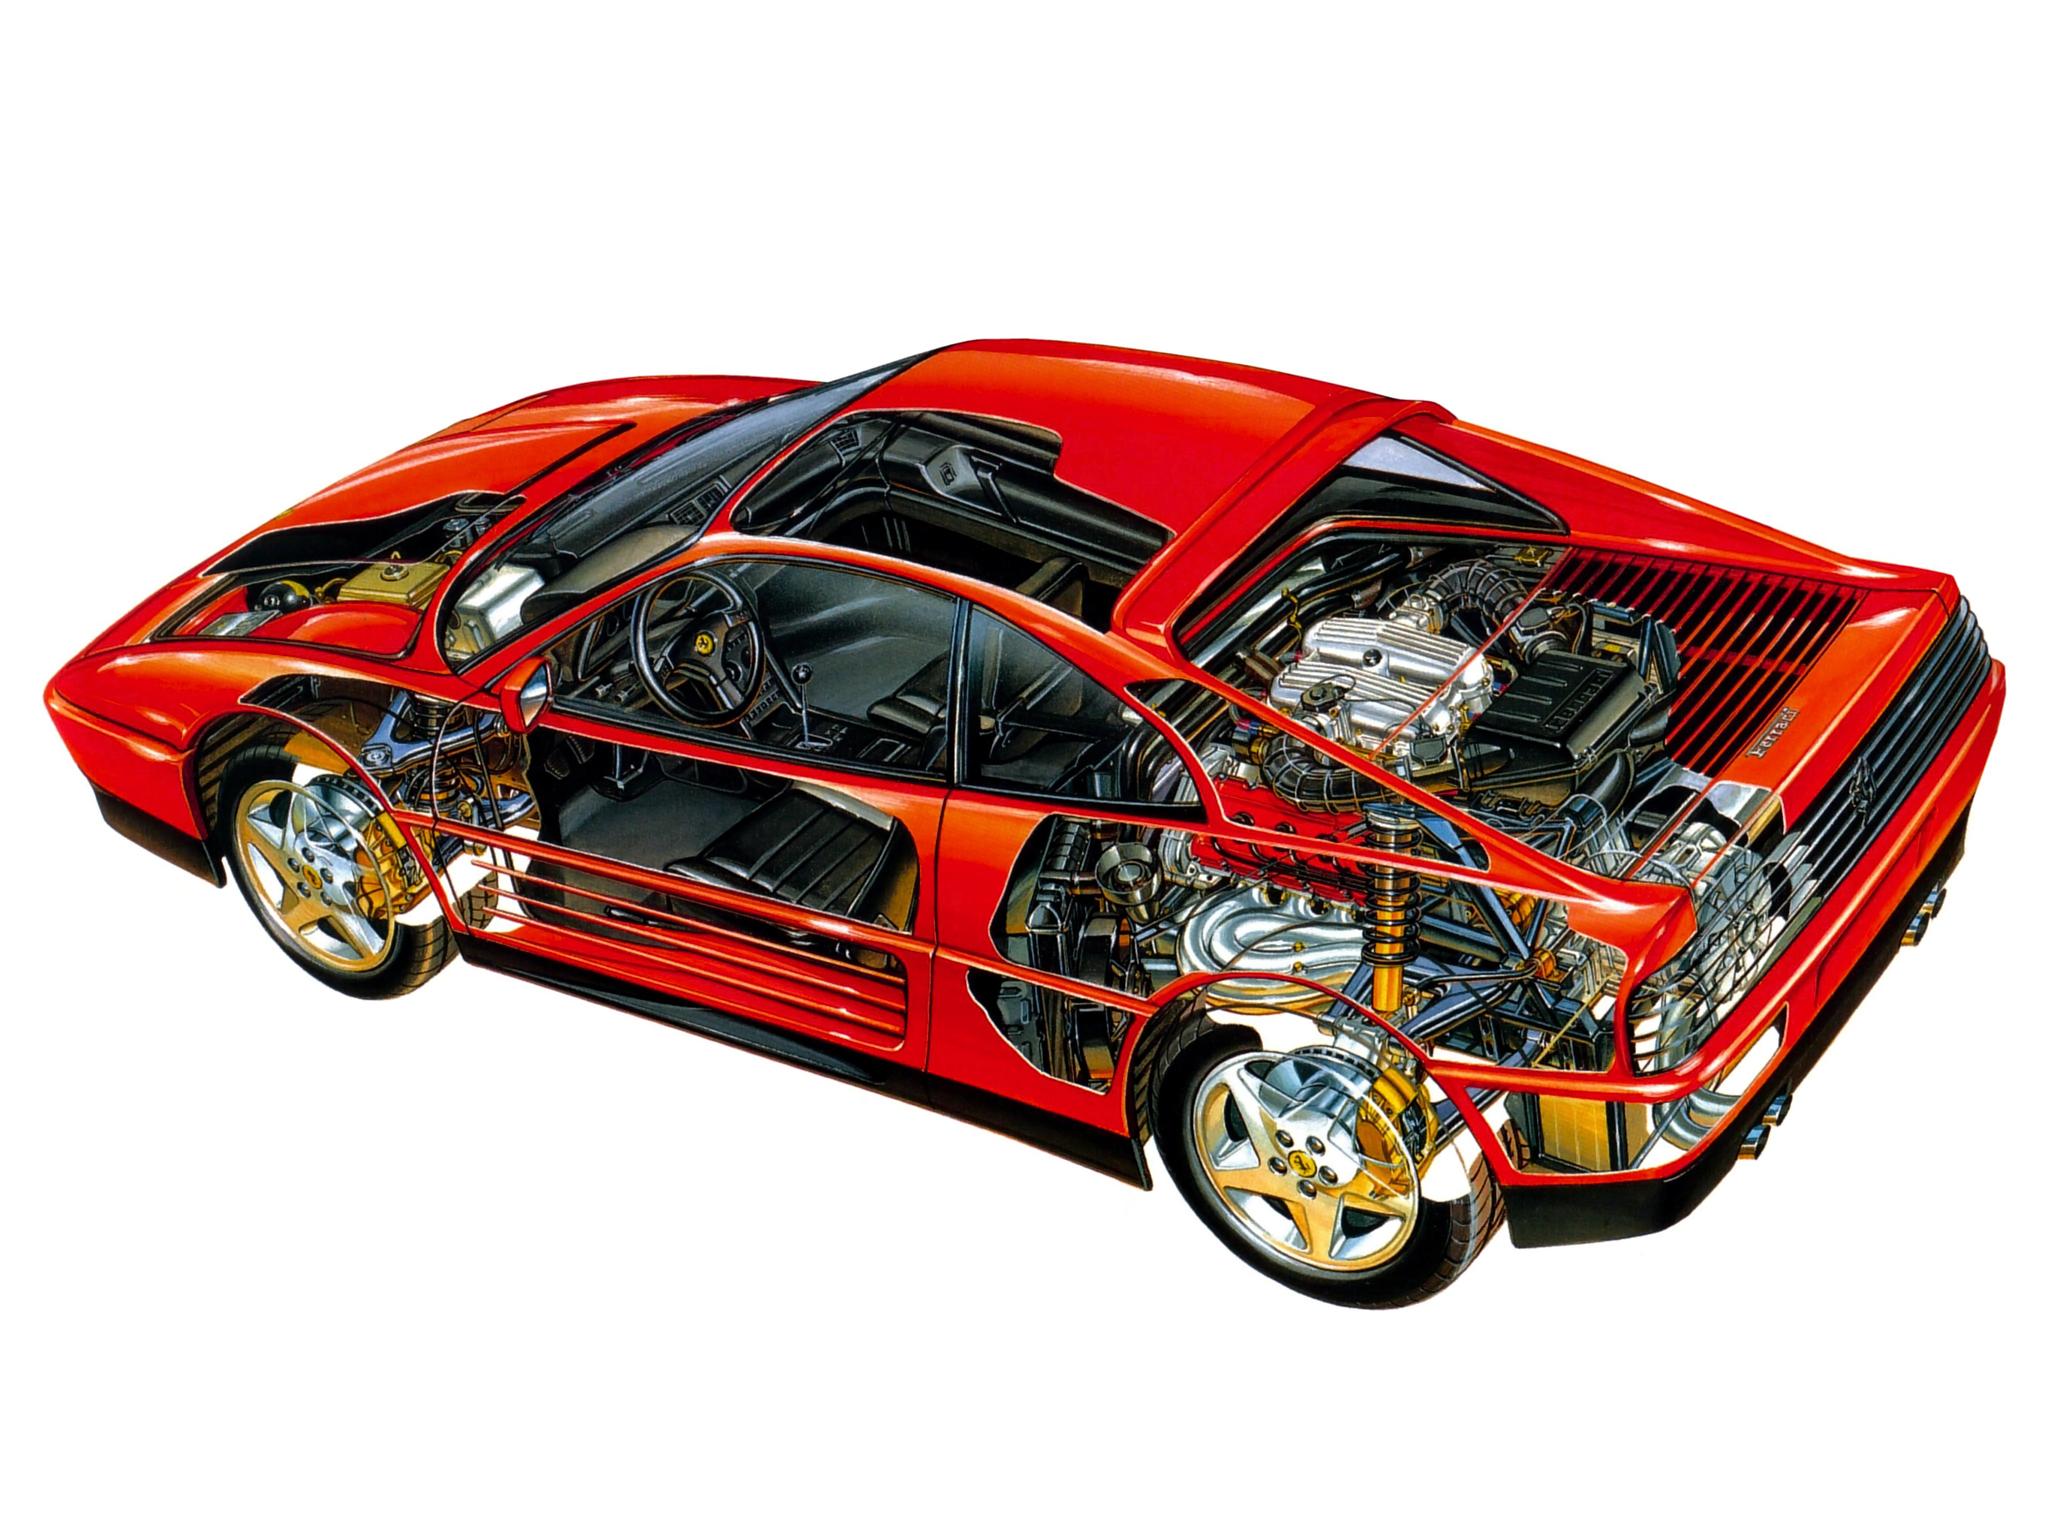 1989 93 Ferrari 348 T B Supercar 1989 1993 Interior Engine